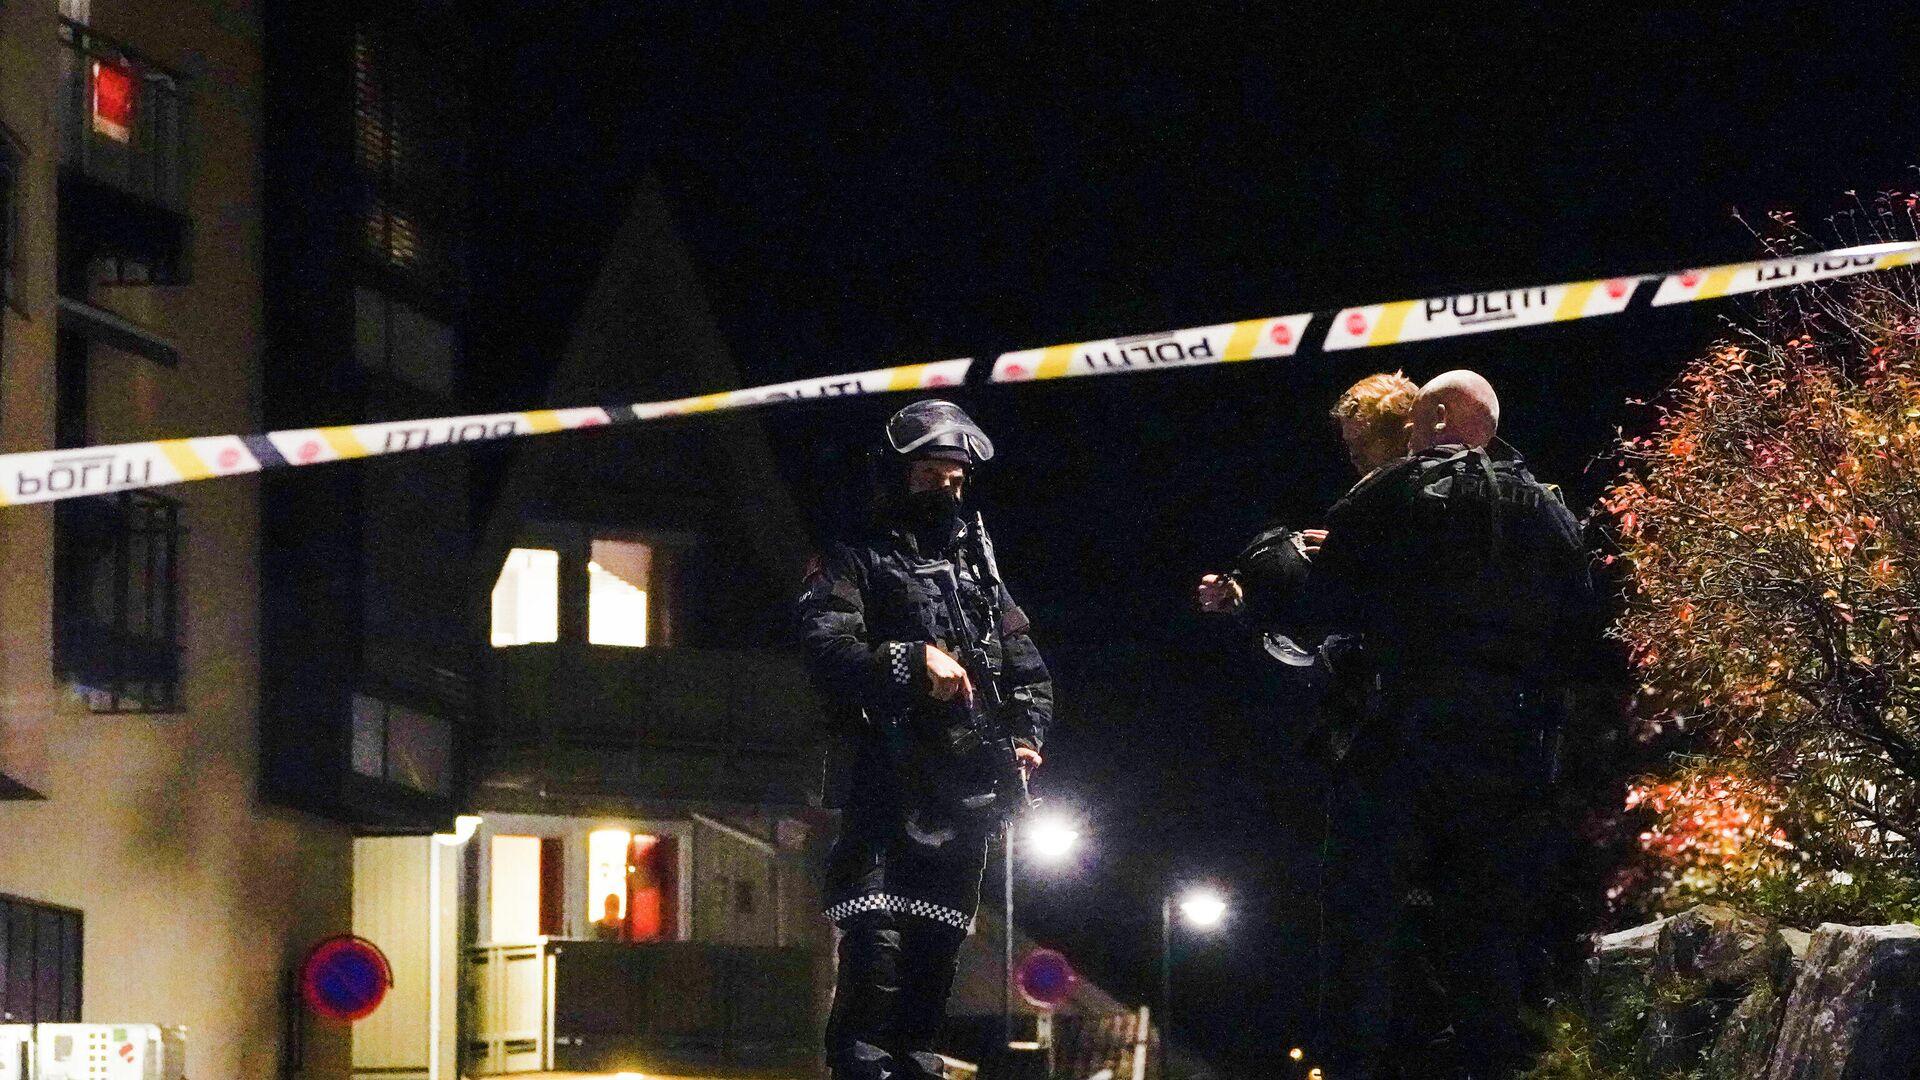 Norveç'in Kongsberg kasabasında bir kişinin oklu saldırısı sonucu en az 4 kişinin hayatını kaybettiği ve çok sayıda kişinin yaralandığı bildirildi. - Sputnik Türkiye, 1920, 13.10.2021